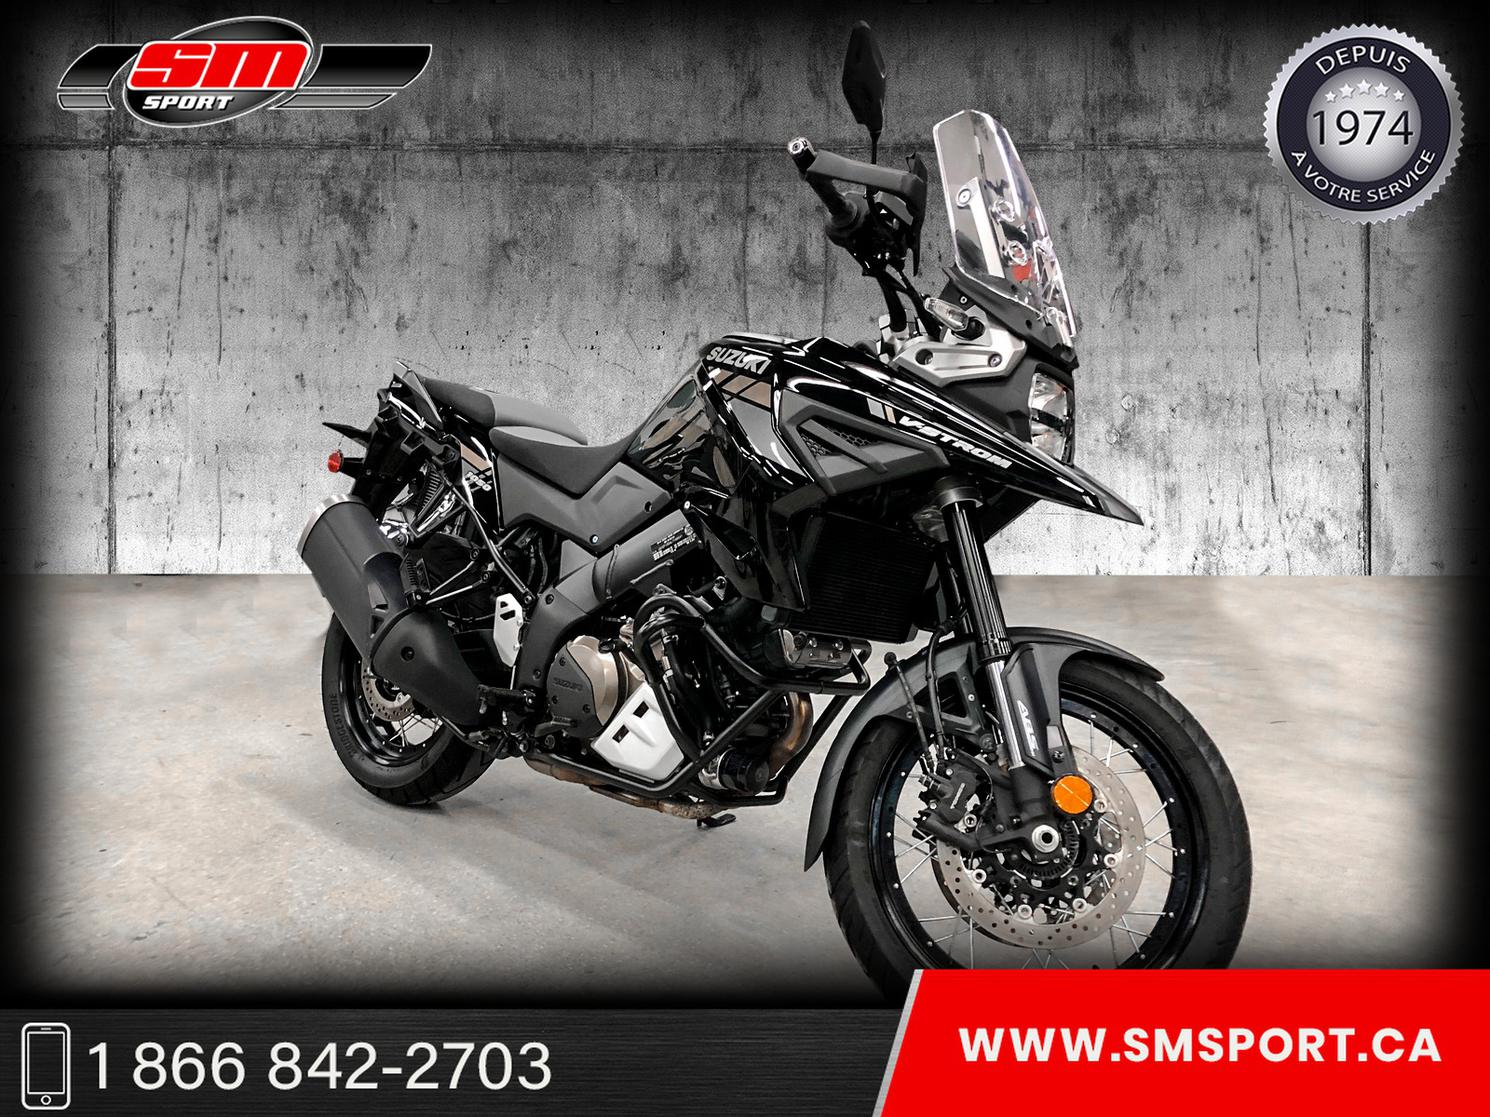 Suzuki V-STROM 1050X ABS DL1050 DEMO 2020